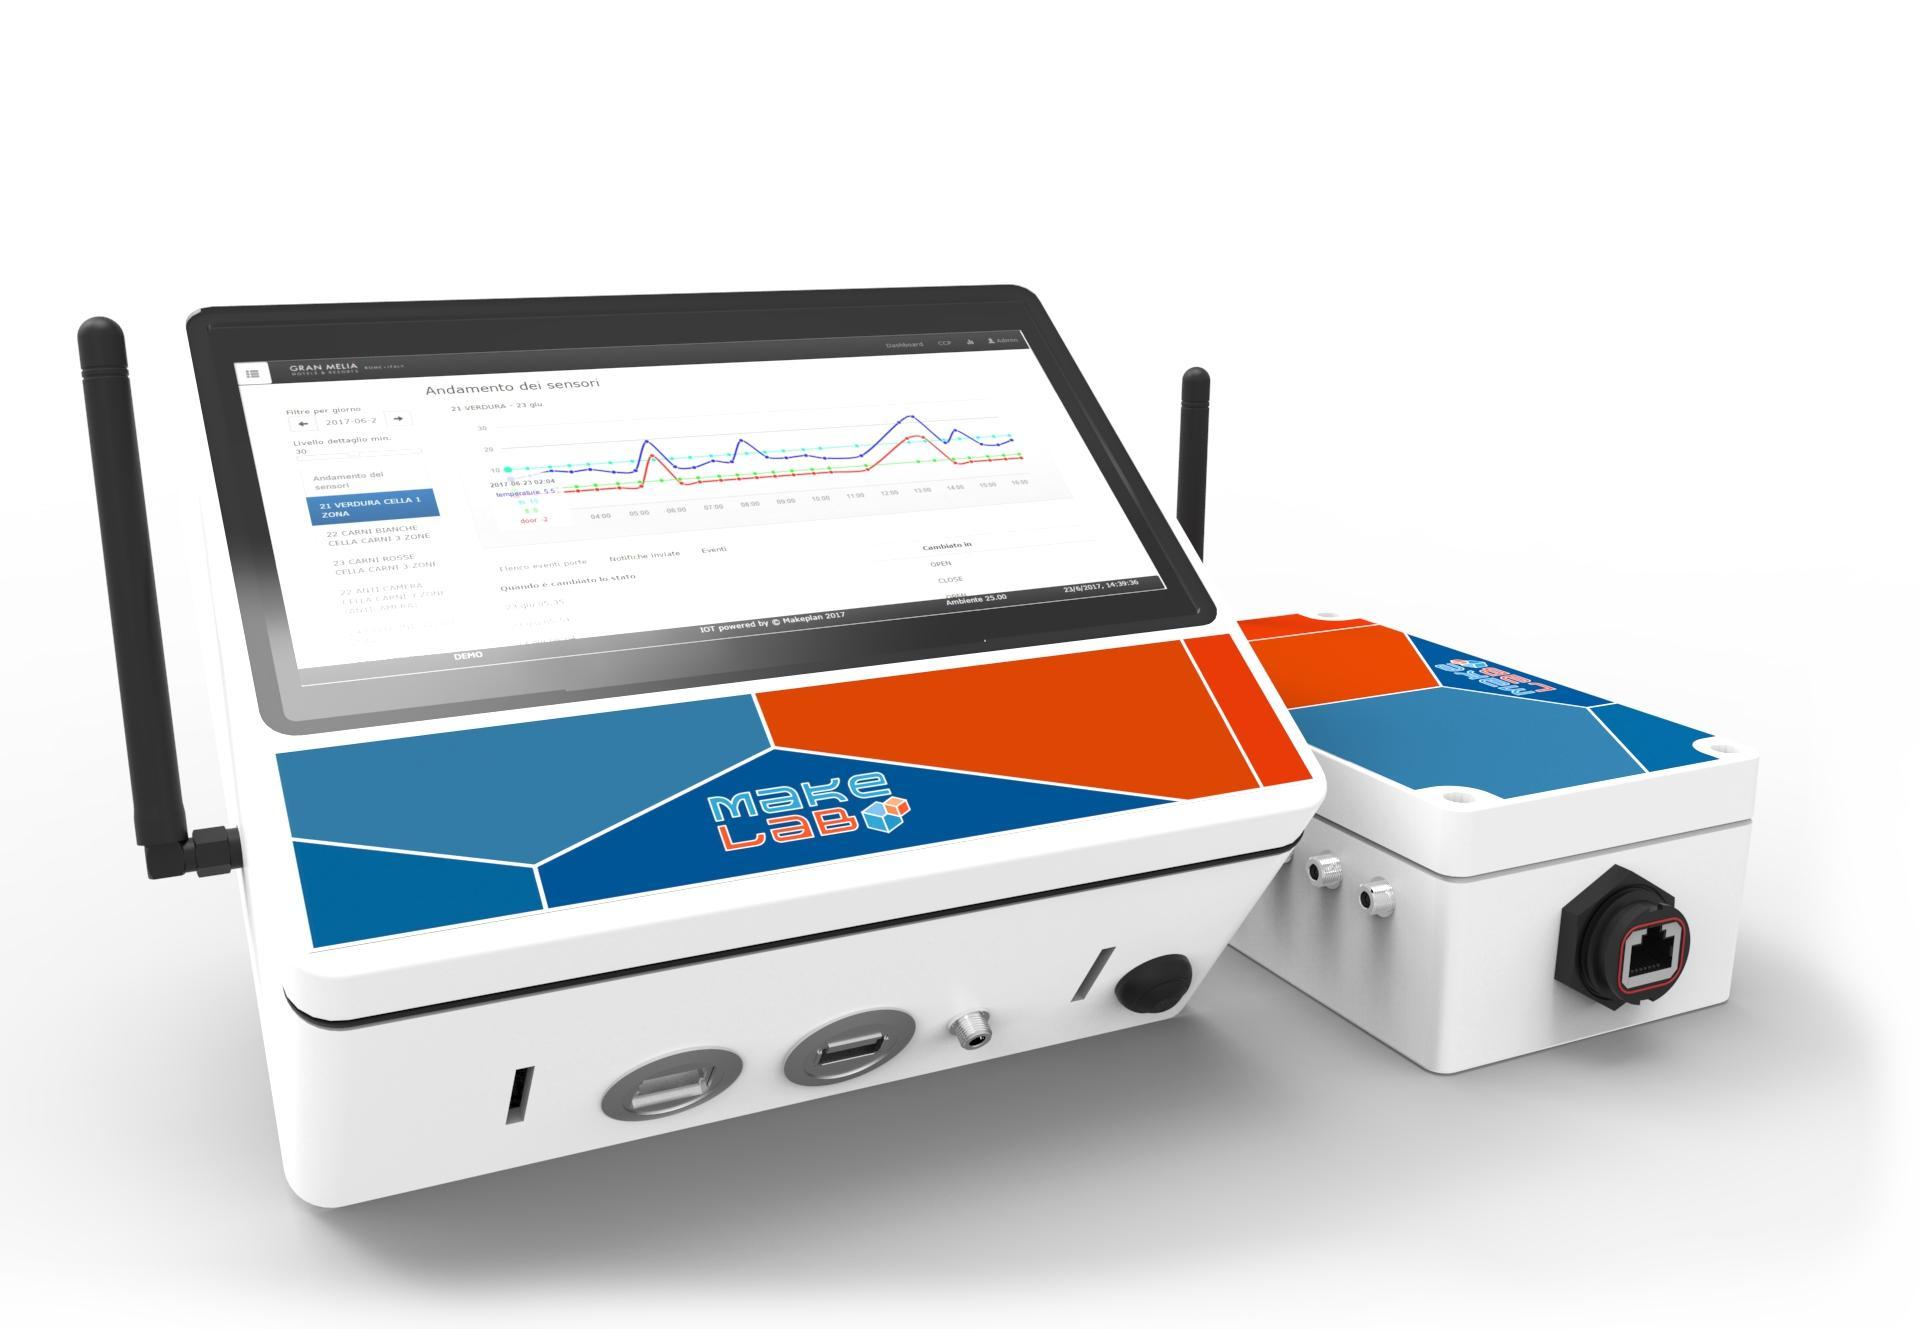 Cold detector - Soluzione per il controllo e il monitoraggio degli ambienti refrigerati